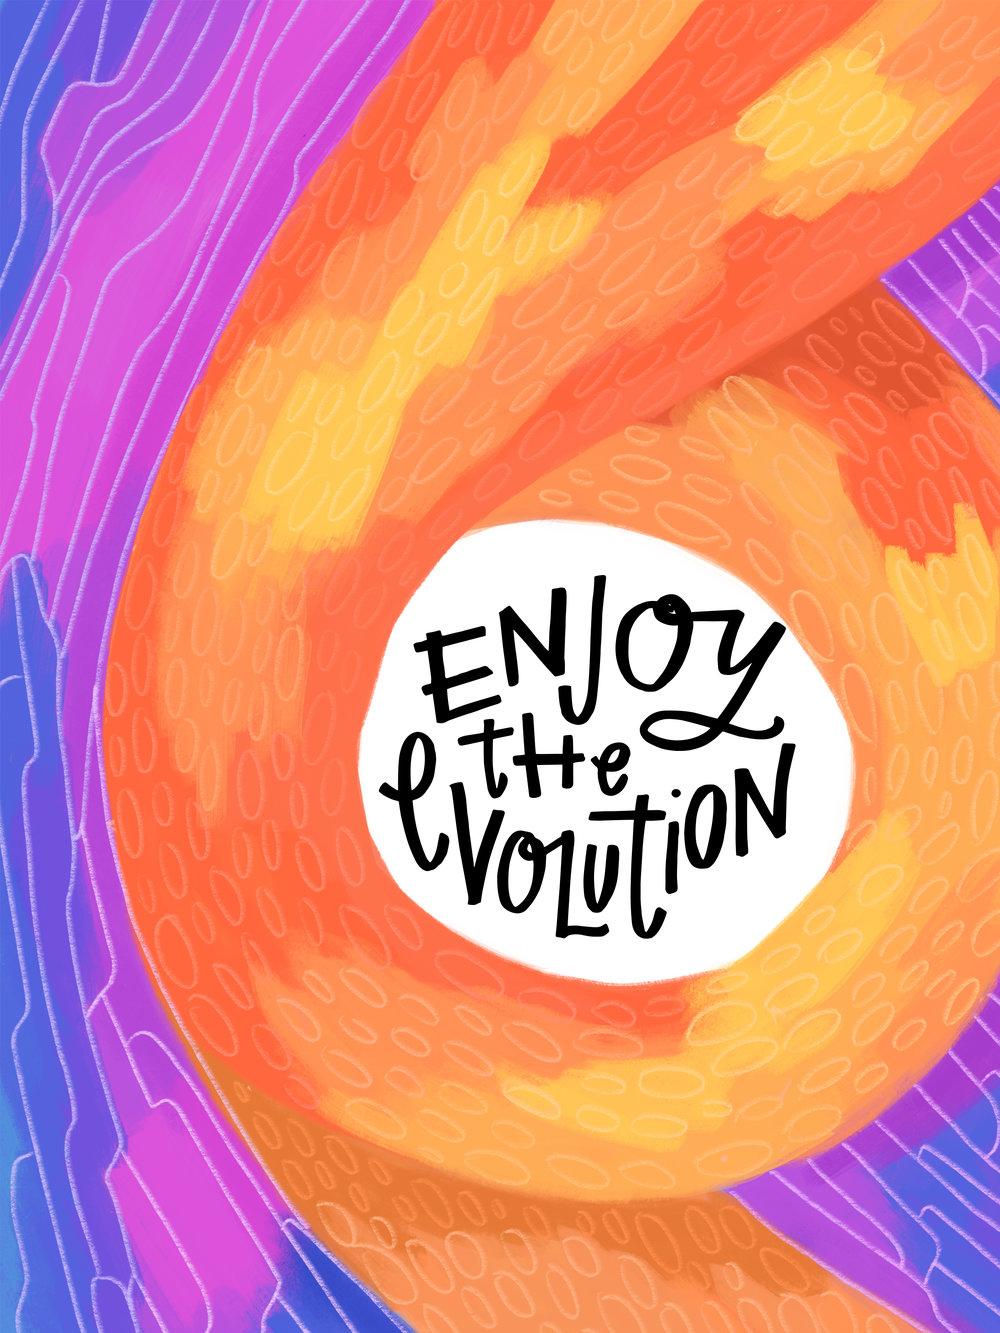 5/17/16: Enjoy